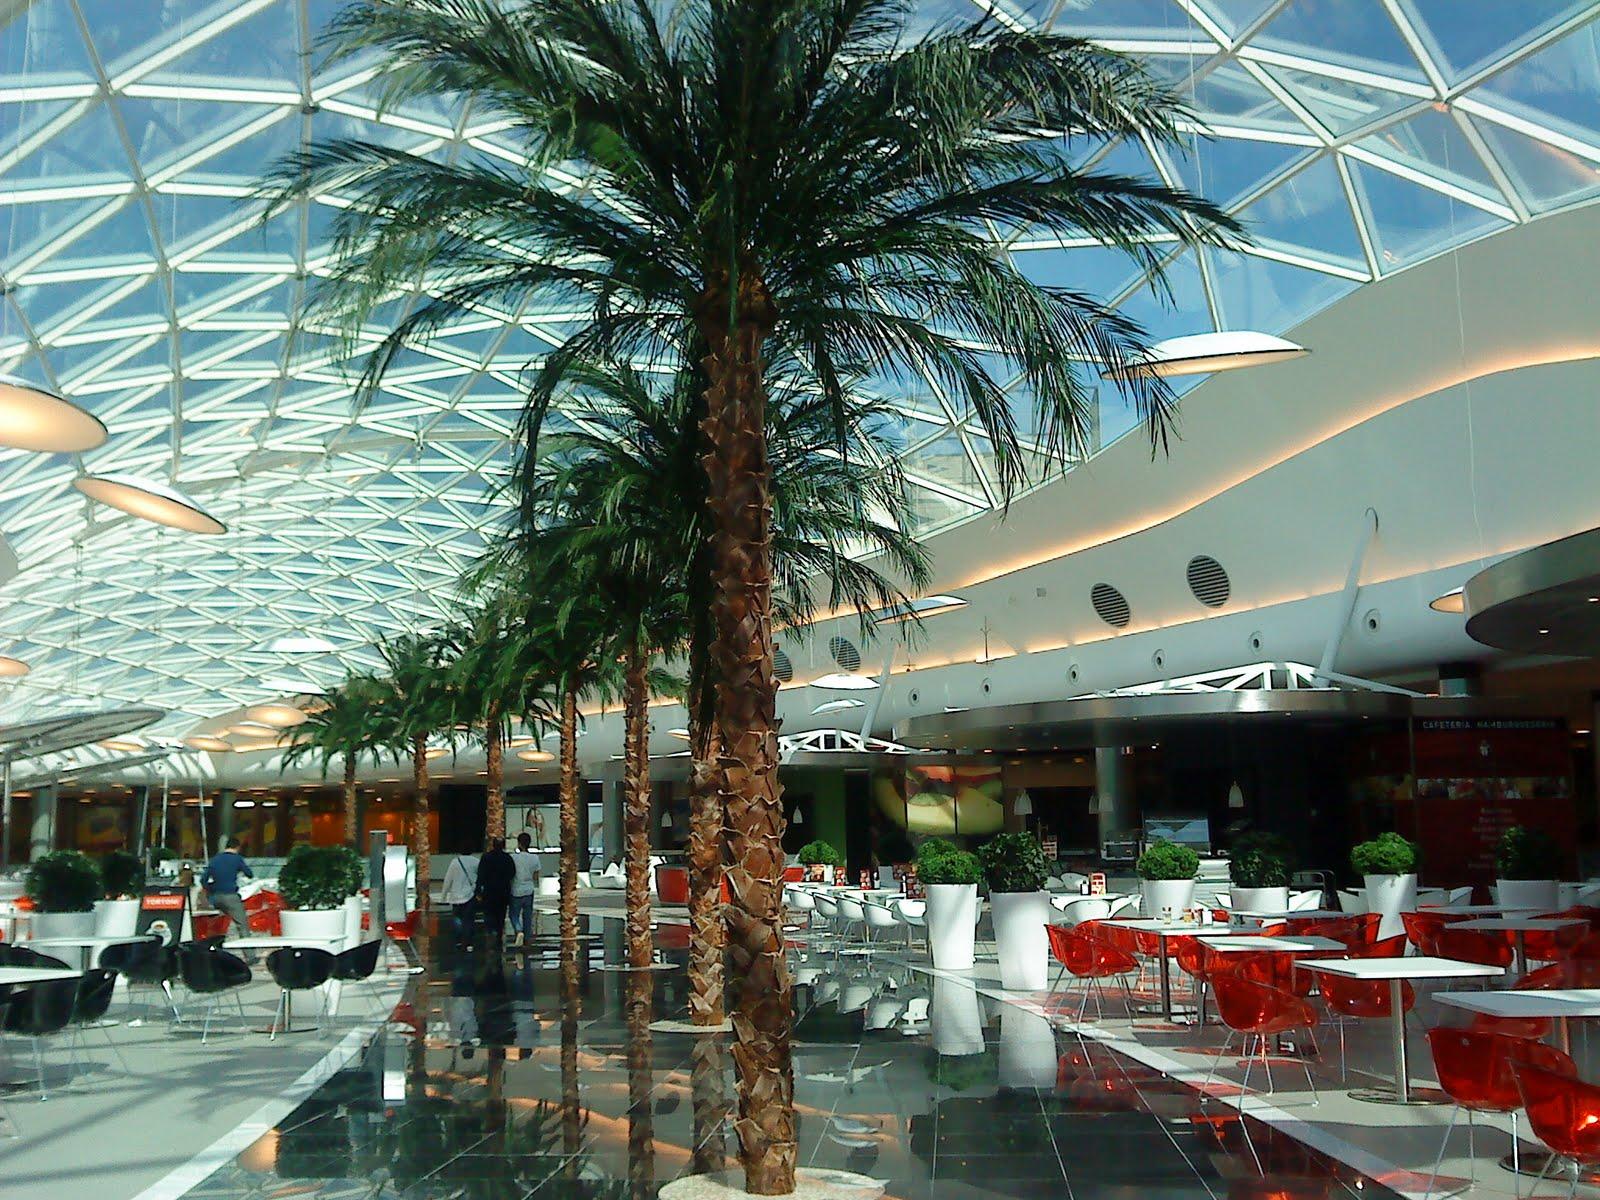 Centro comercial marineda city de la coru a galicia - Centro comercial de la moraleja ...